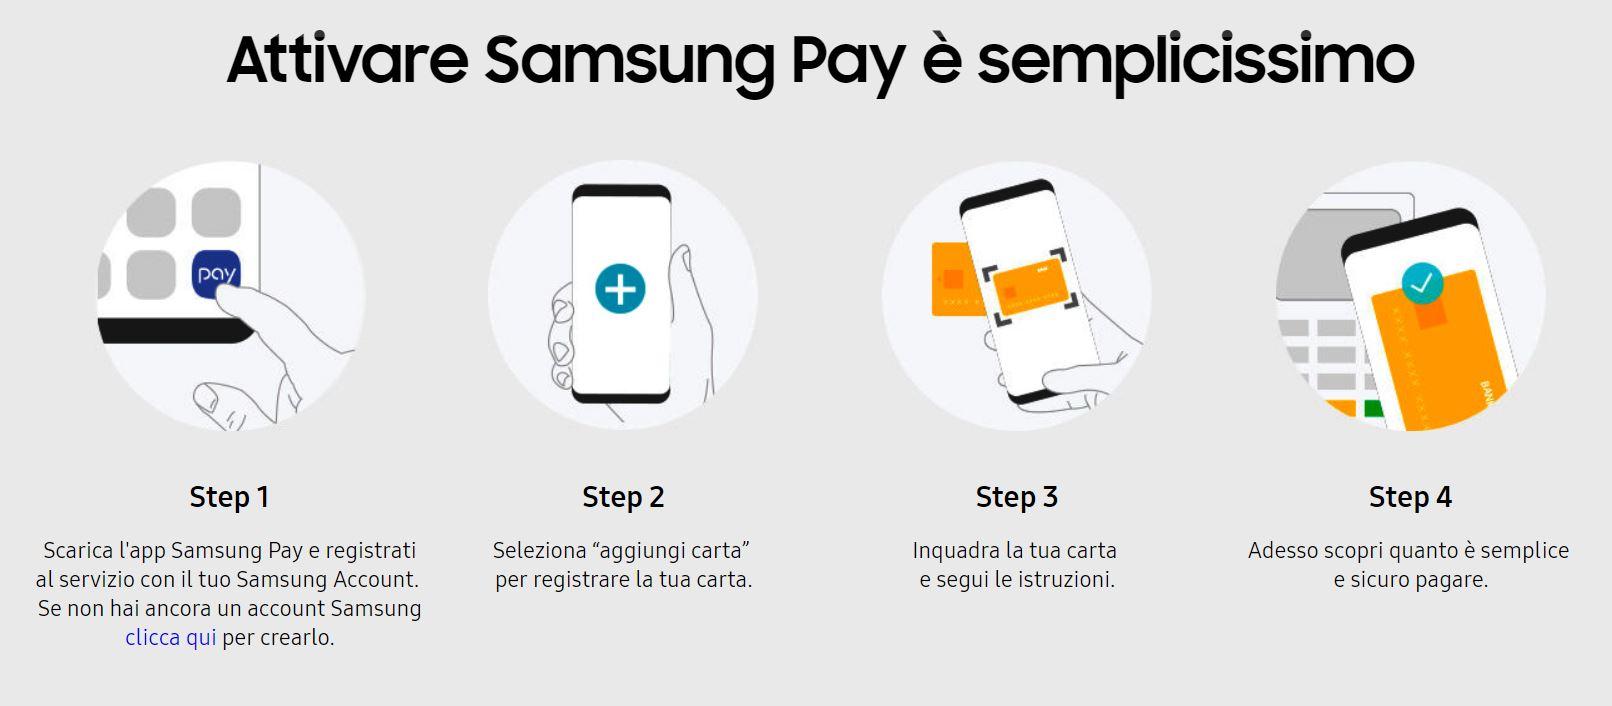 images-attivare samsung pay è semplicissimo